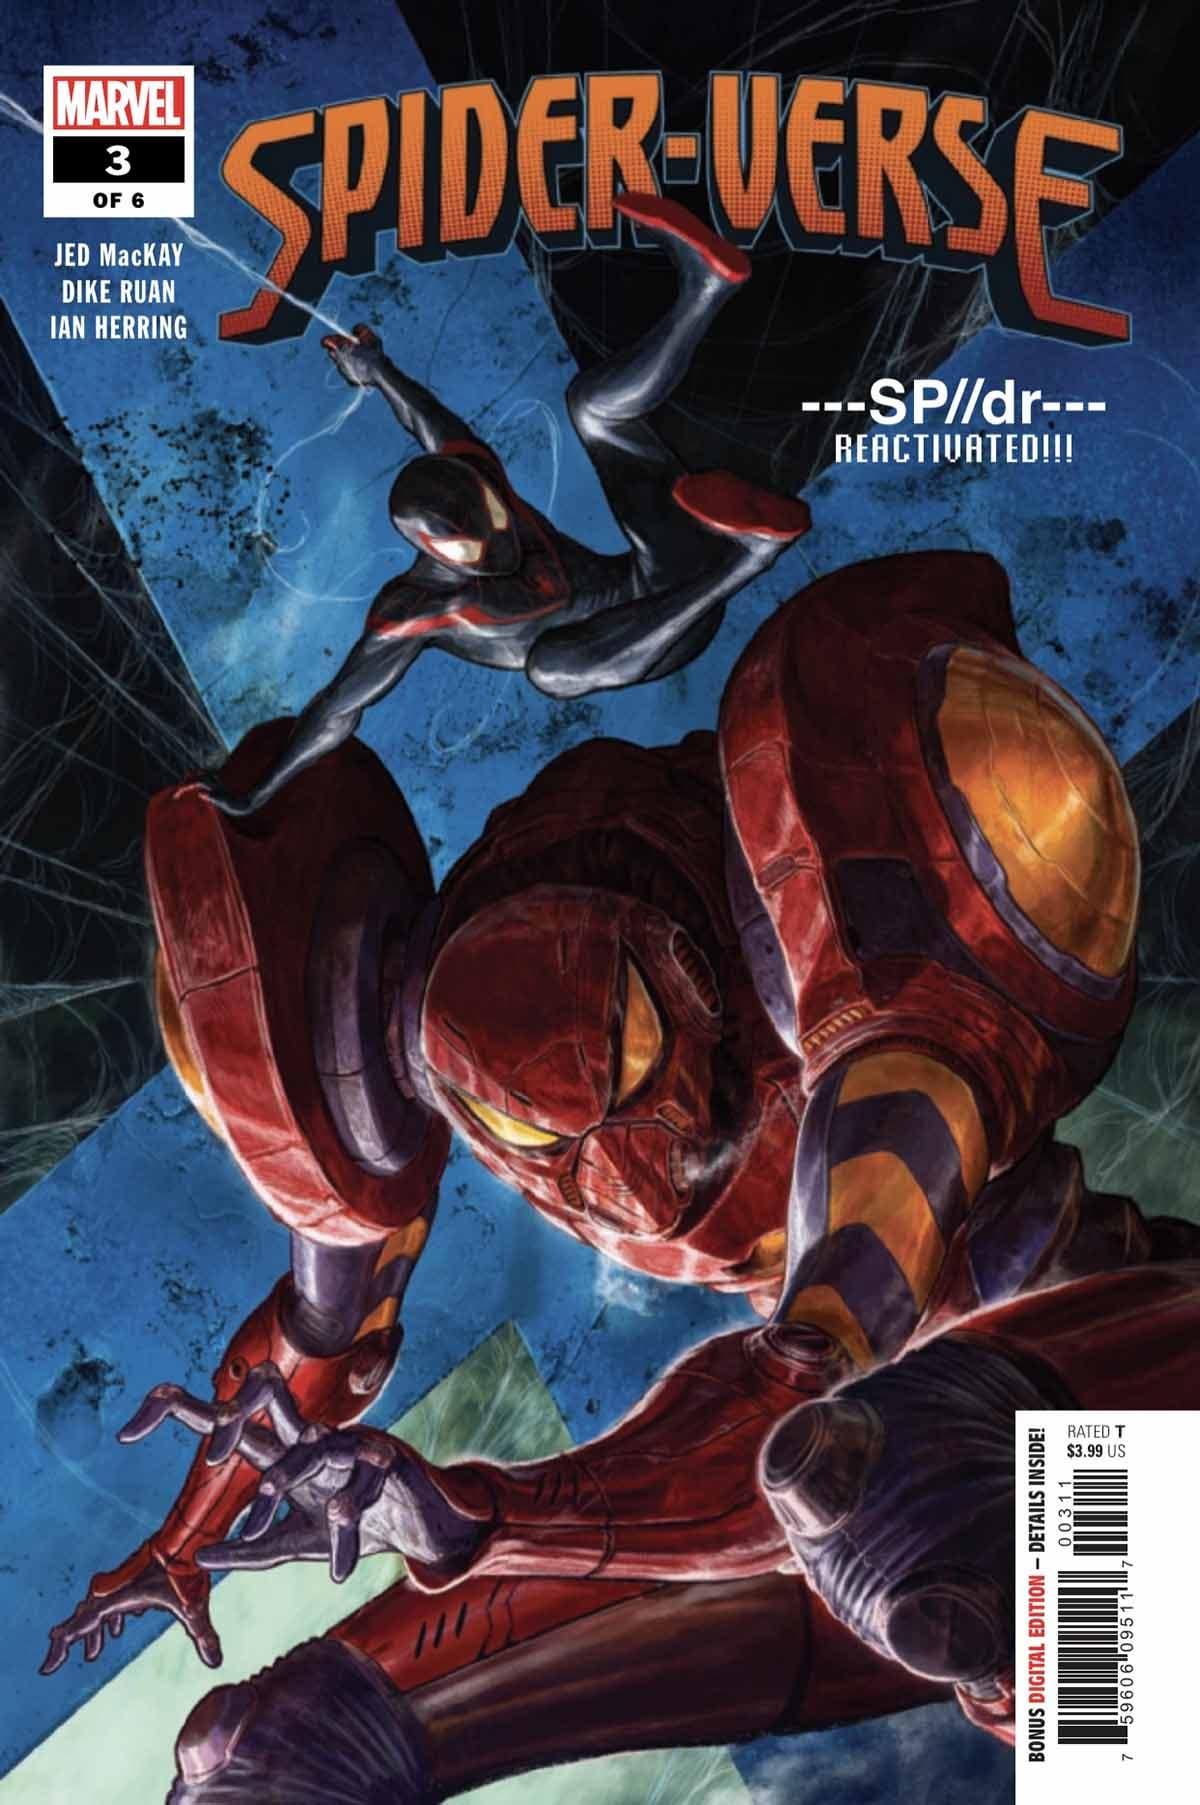 Spider-Man: Un nuevo universo. Un pesonaje regresa al Spider-verse